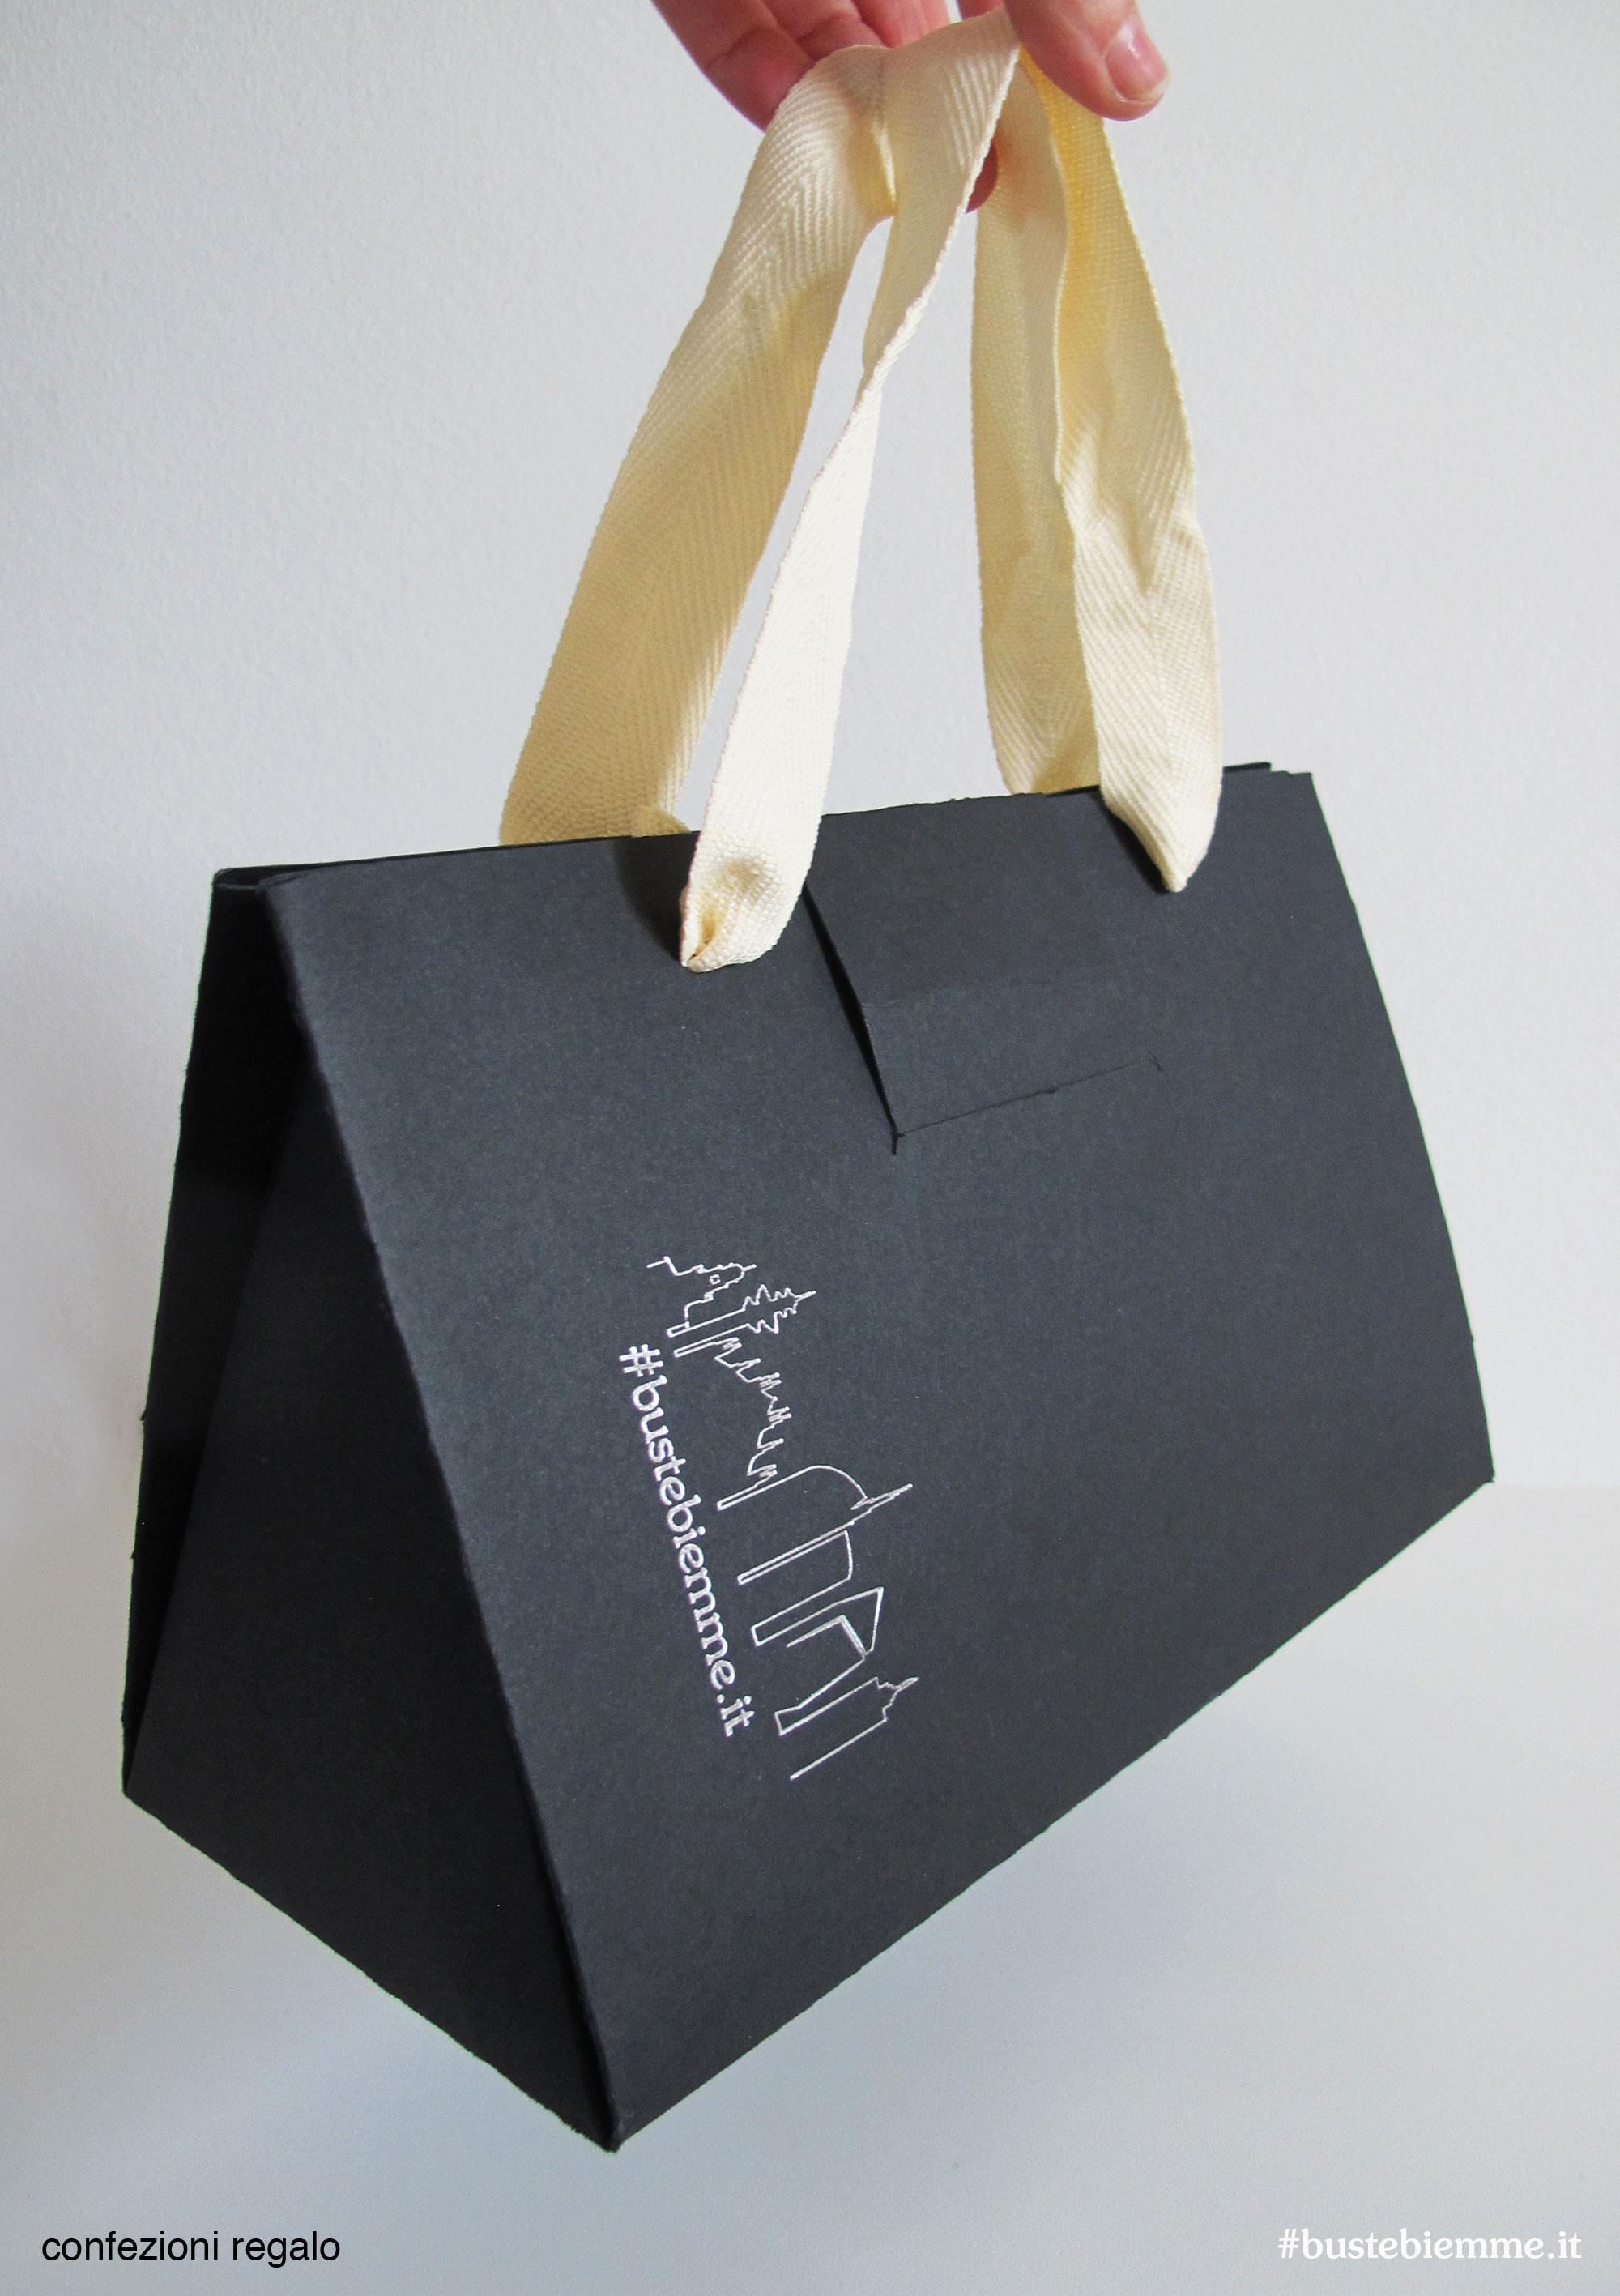 shopper confezione regalo automontante